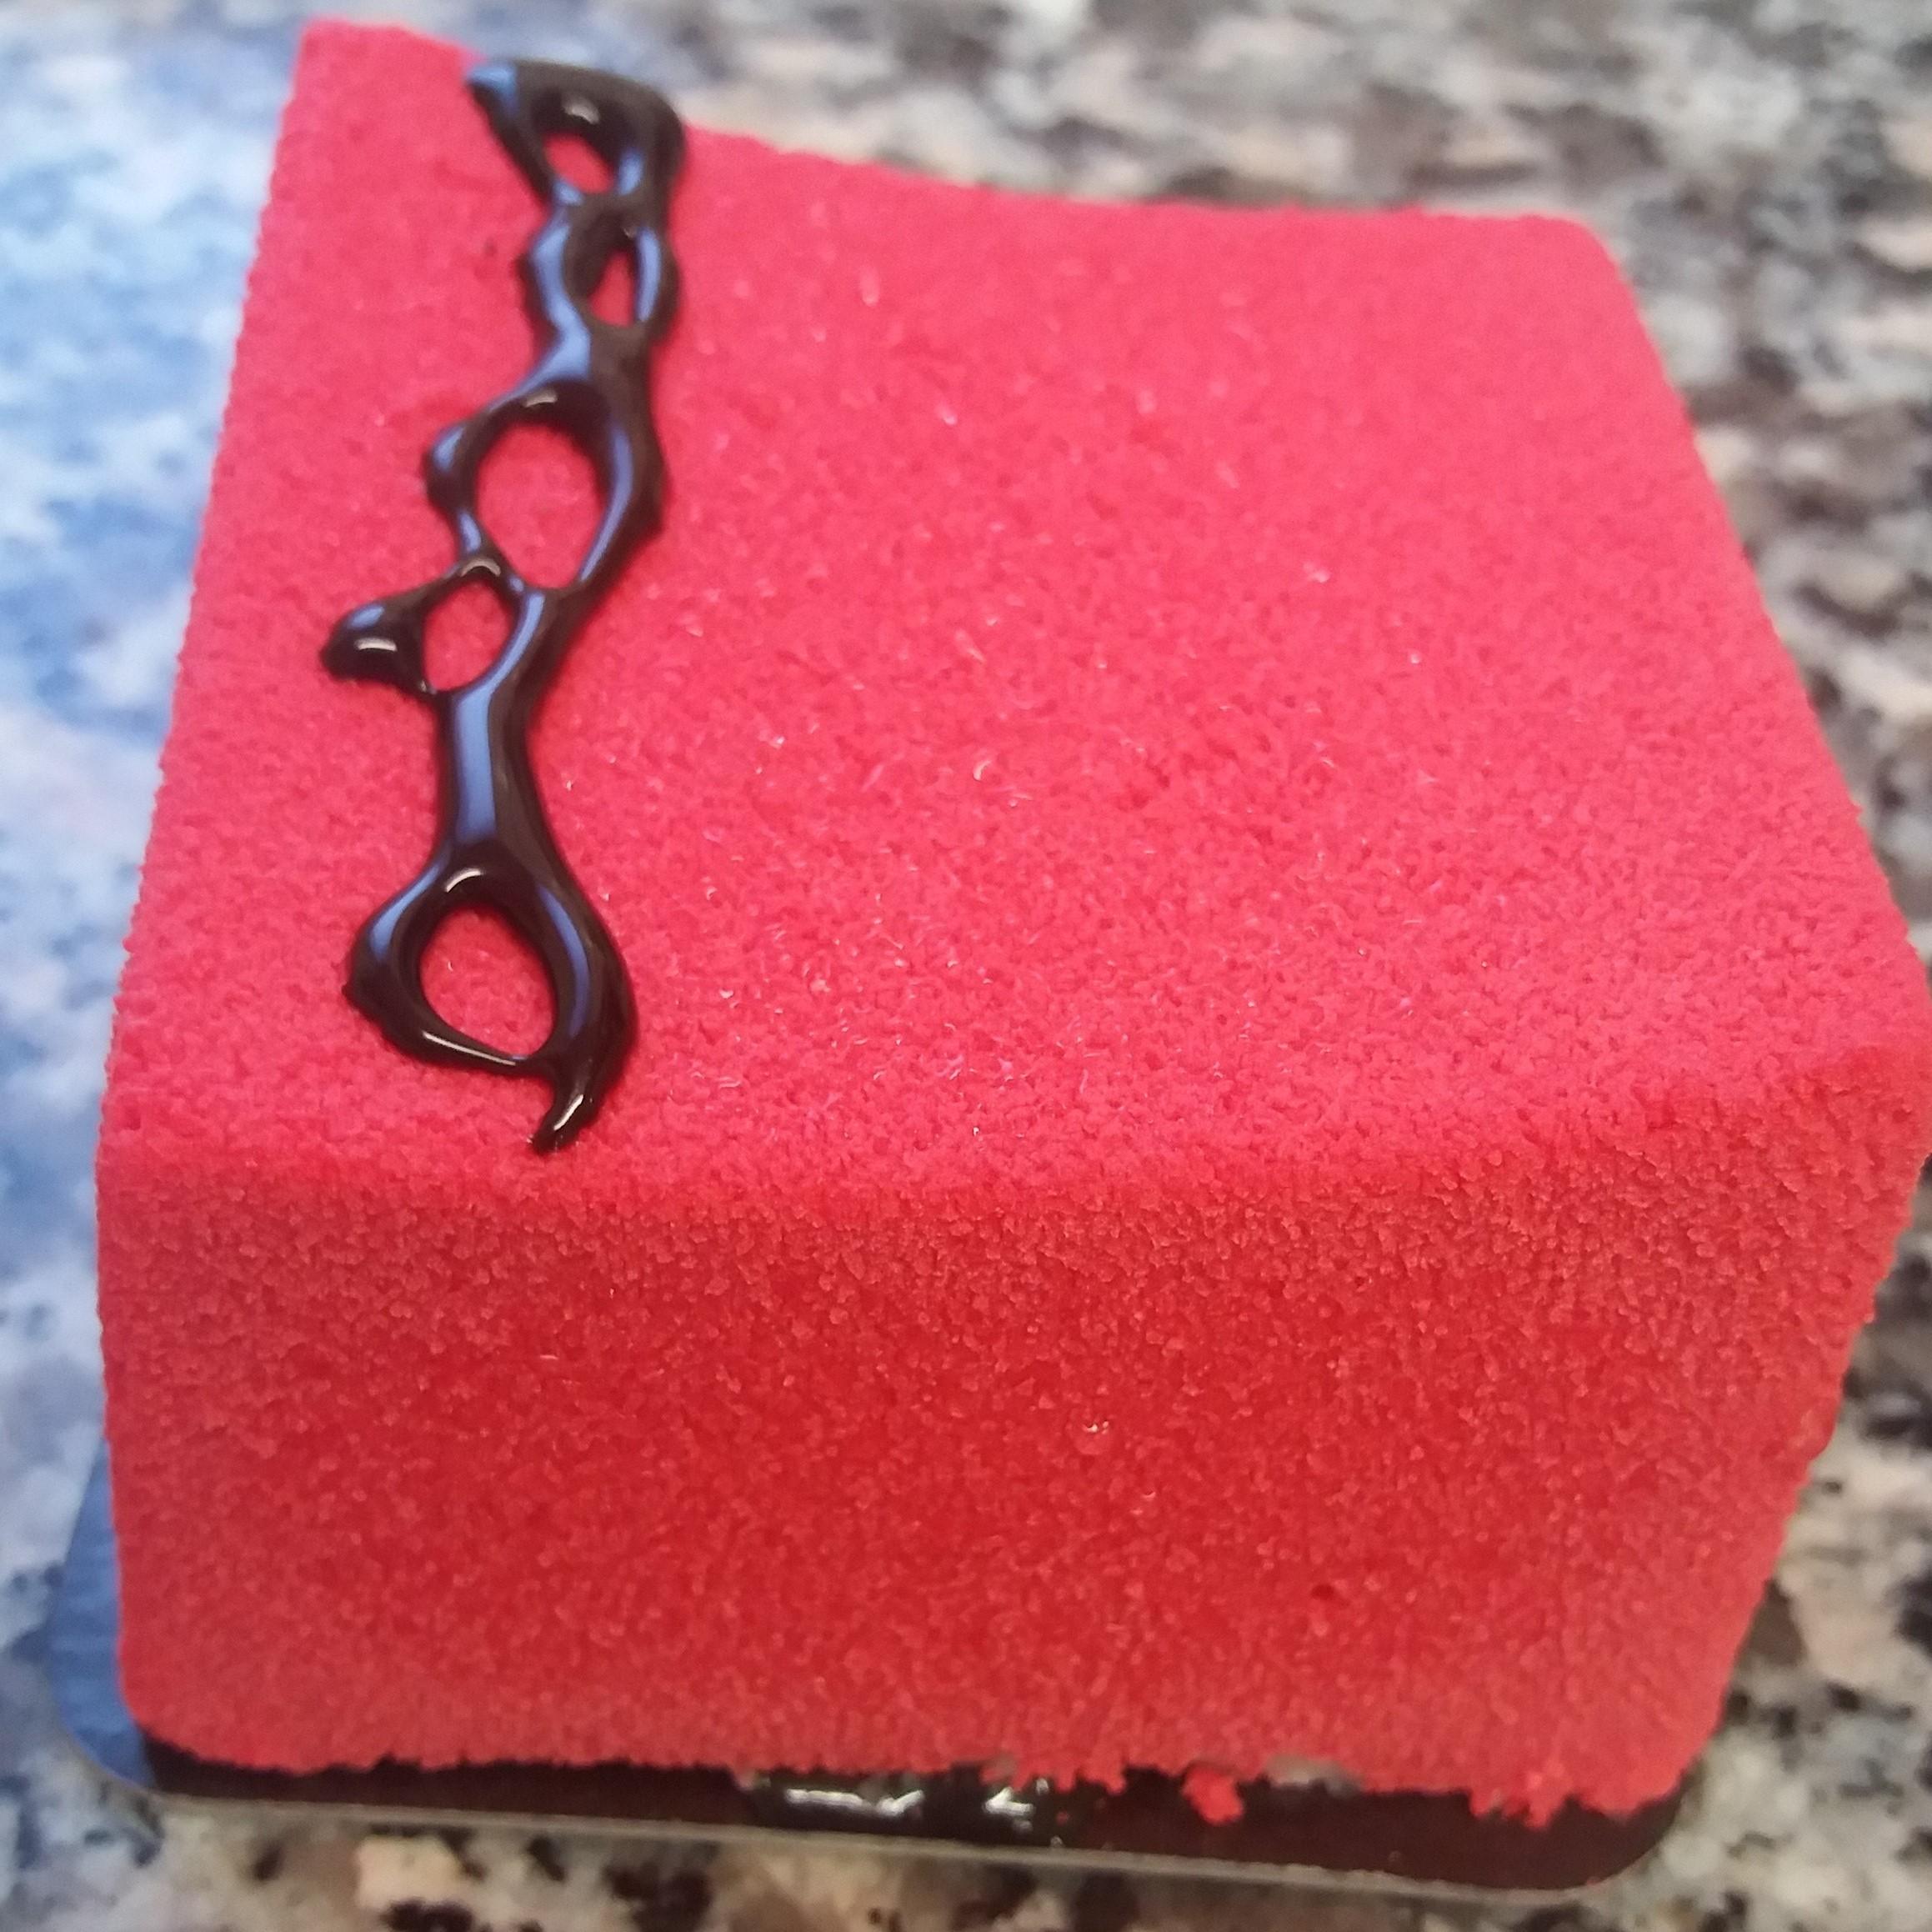 carré mousse fraise coquelicot velours rouge carre